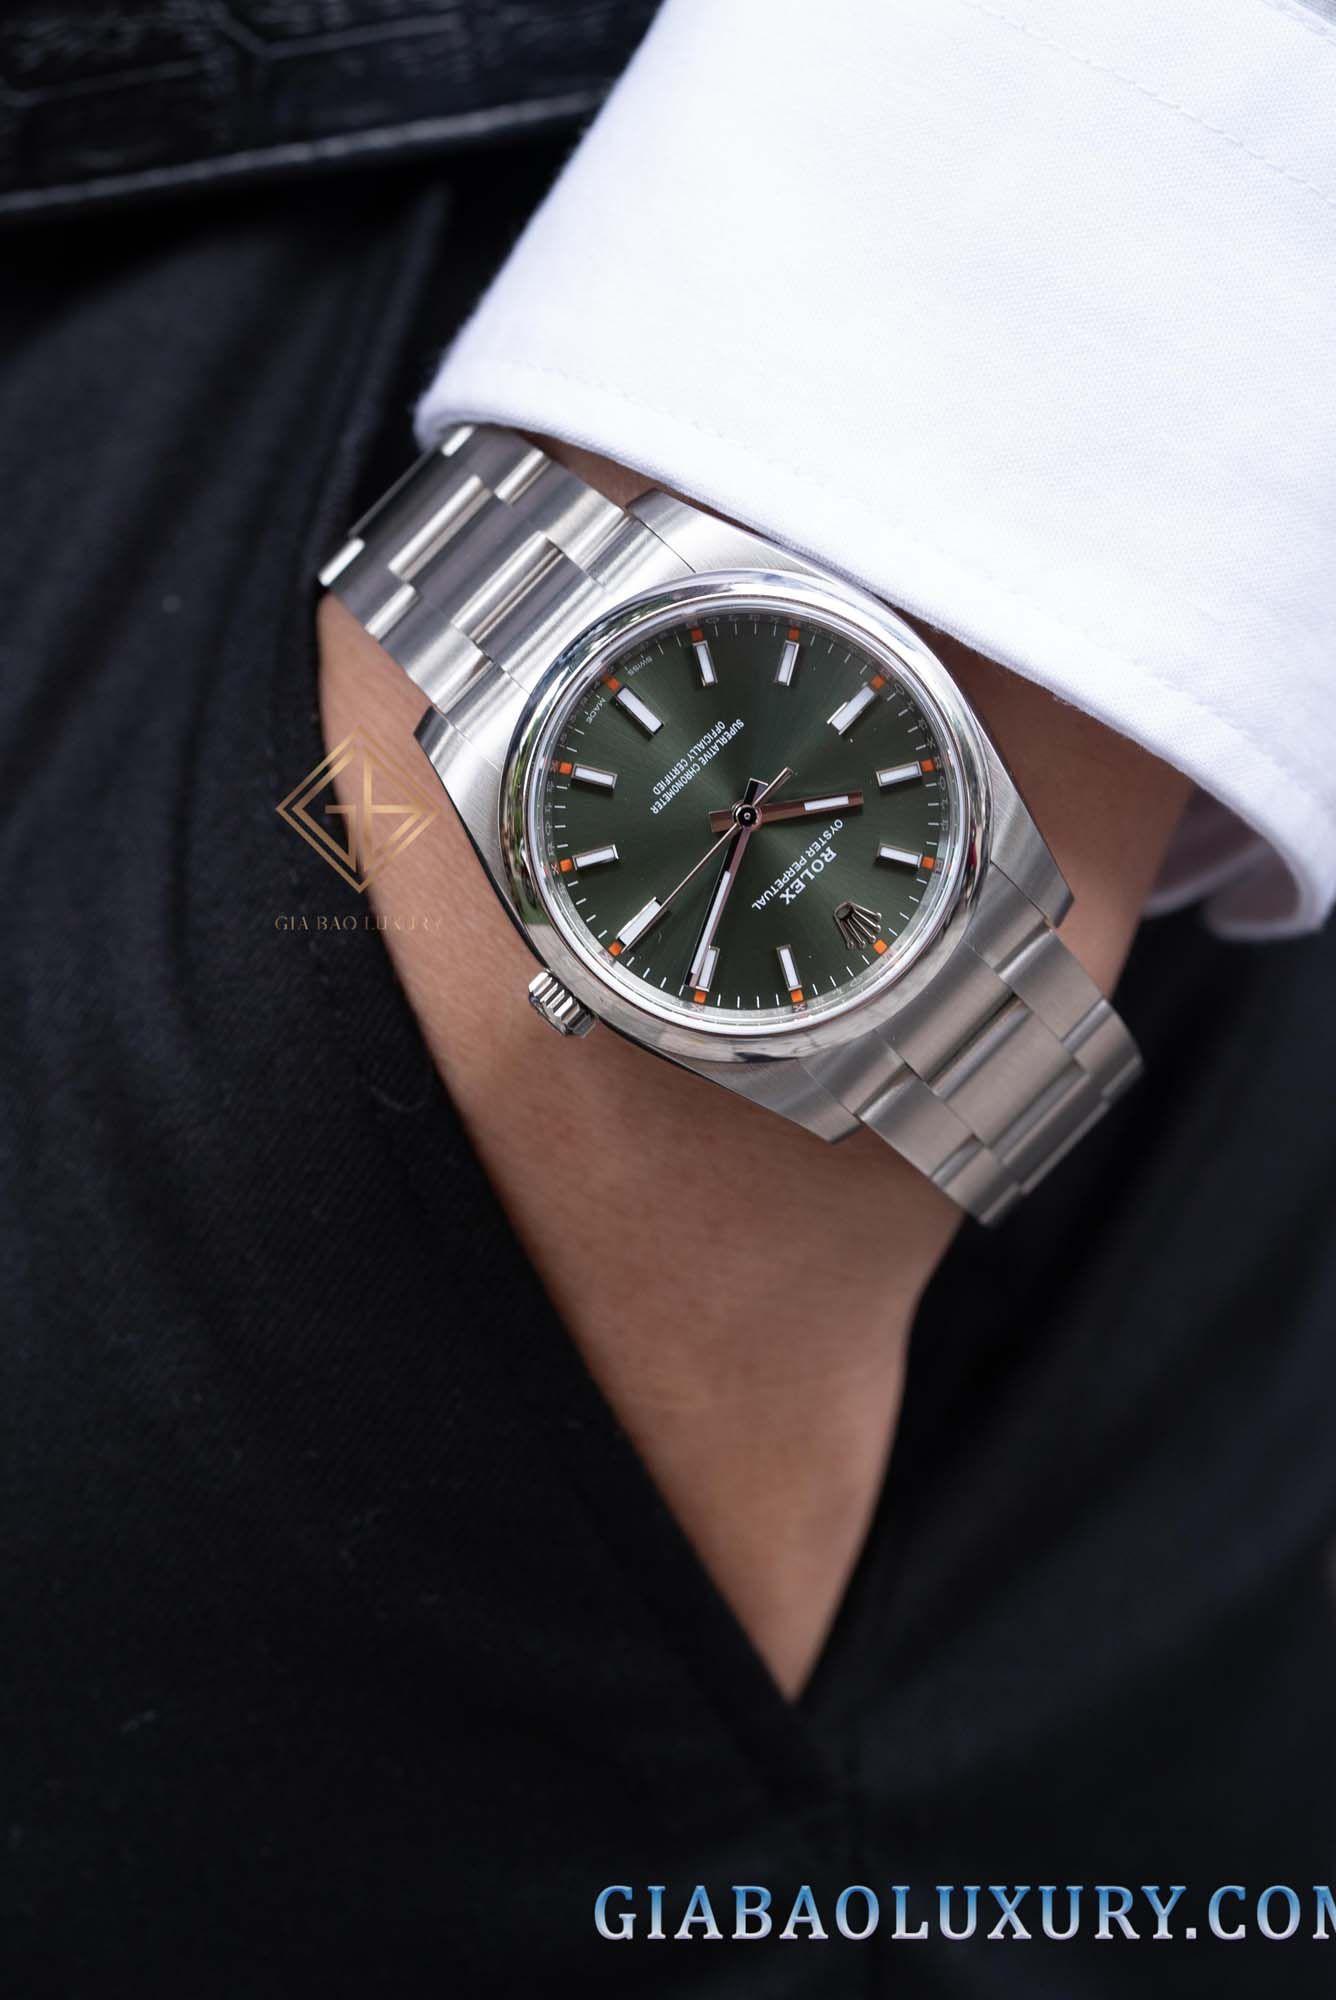 Phiên bản đồng hồ Rolex Oyster Perpetual 114200  màu xanh lá